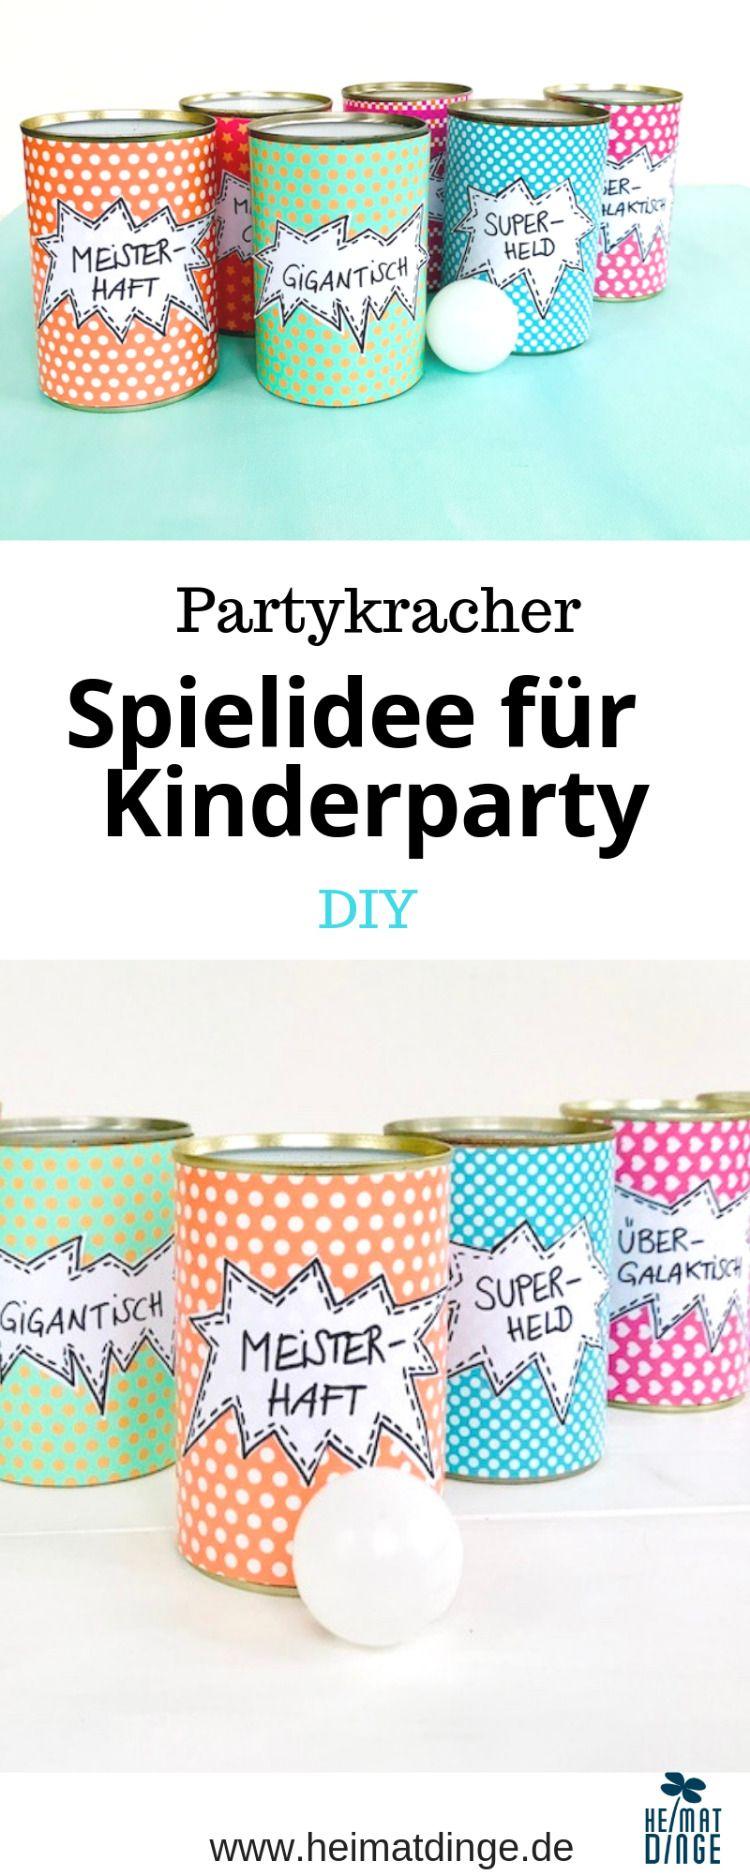 Dosenwerfen für Kinder mit lustigen Sprüchen - -   19 diy basteln liebe ideas